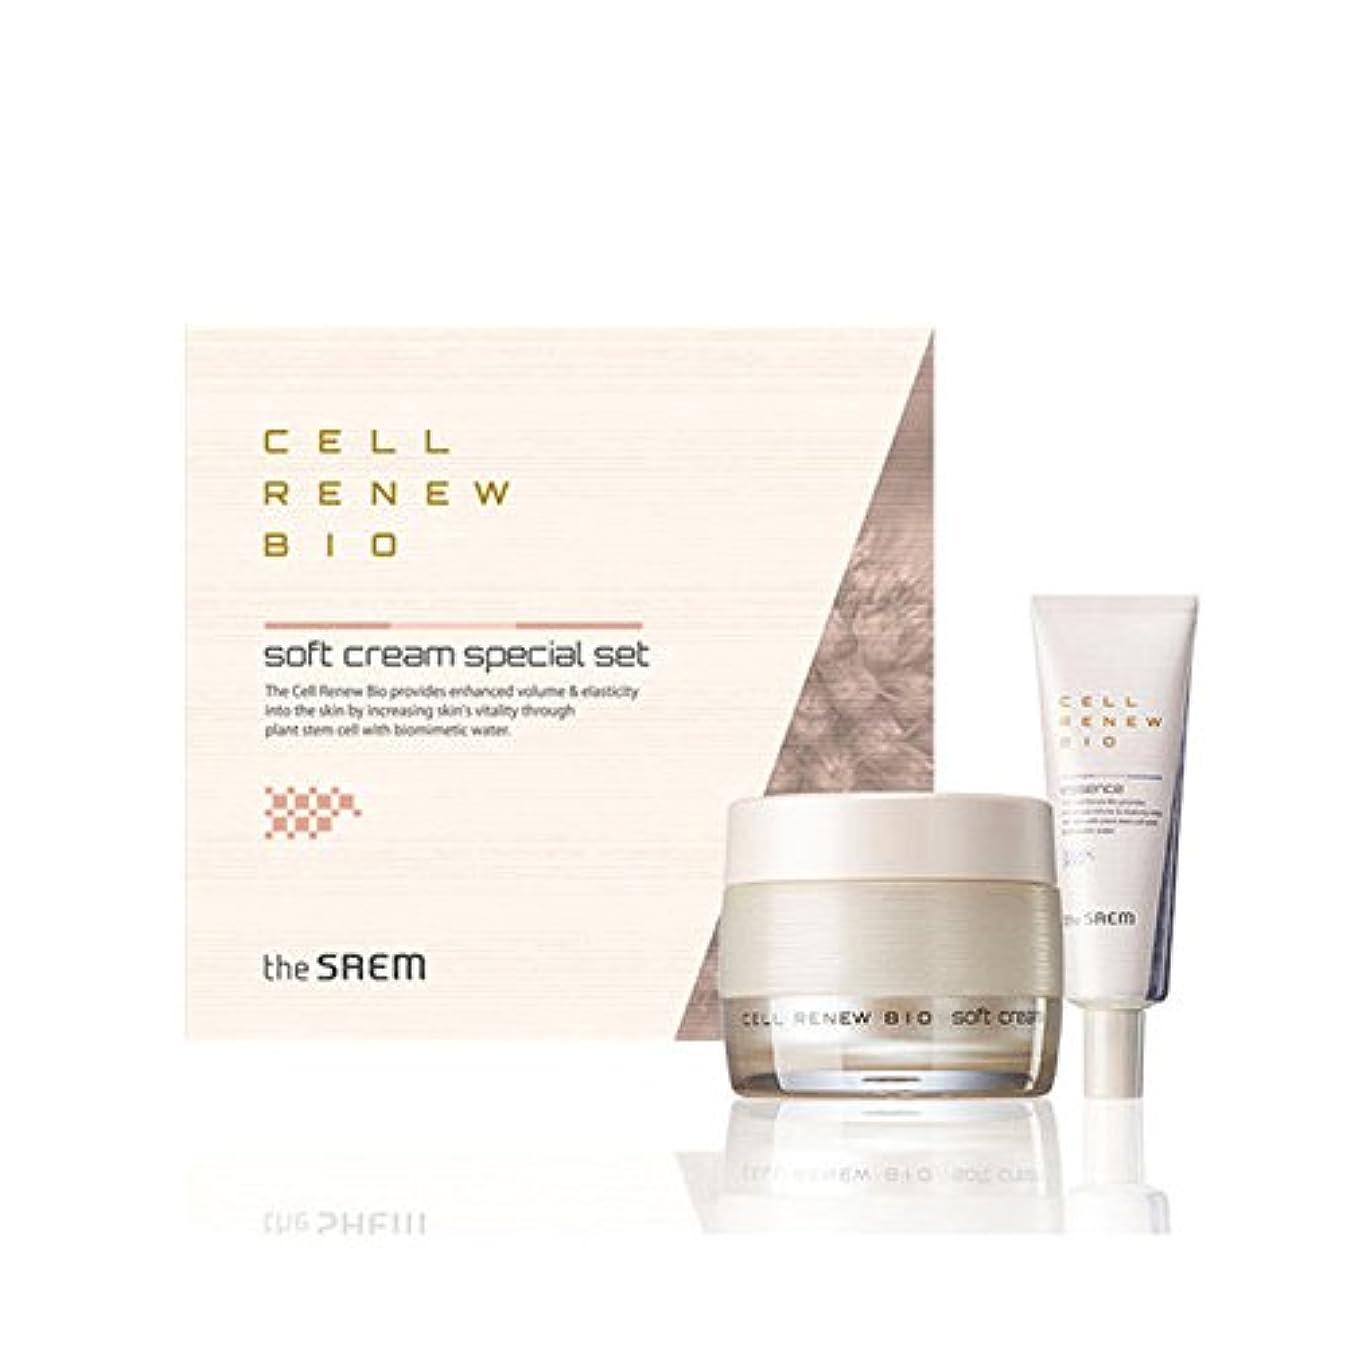 そよ風現在行列[ザセム] The Saem セルリニュー バイオ クリーム スペシャルセット Cell Renew Bio Cream Special Set (海外直送品) [並行輸入品]